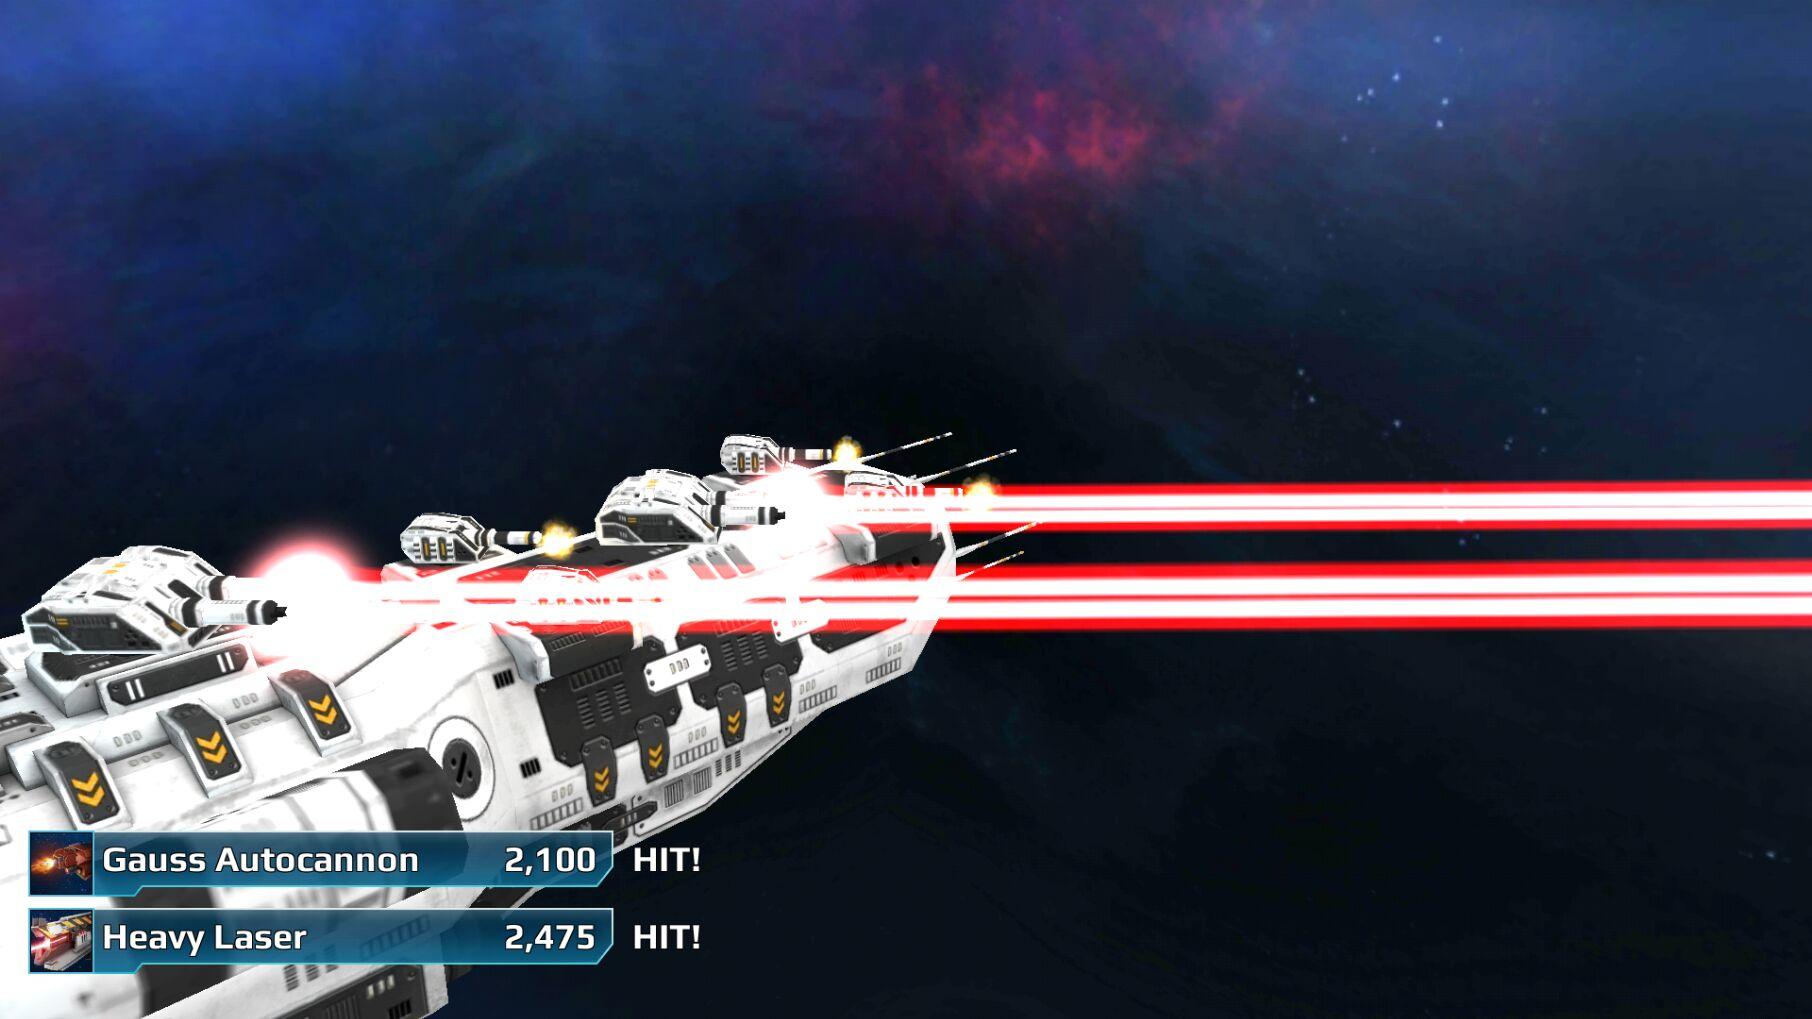 星际战舰银河联盟 v1.0.0.208截图